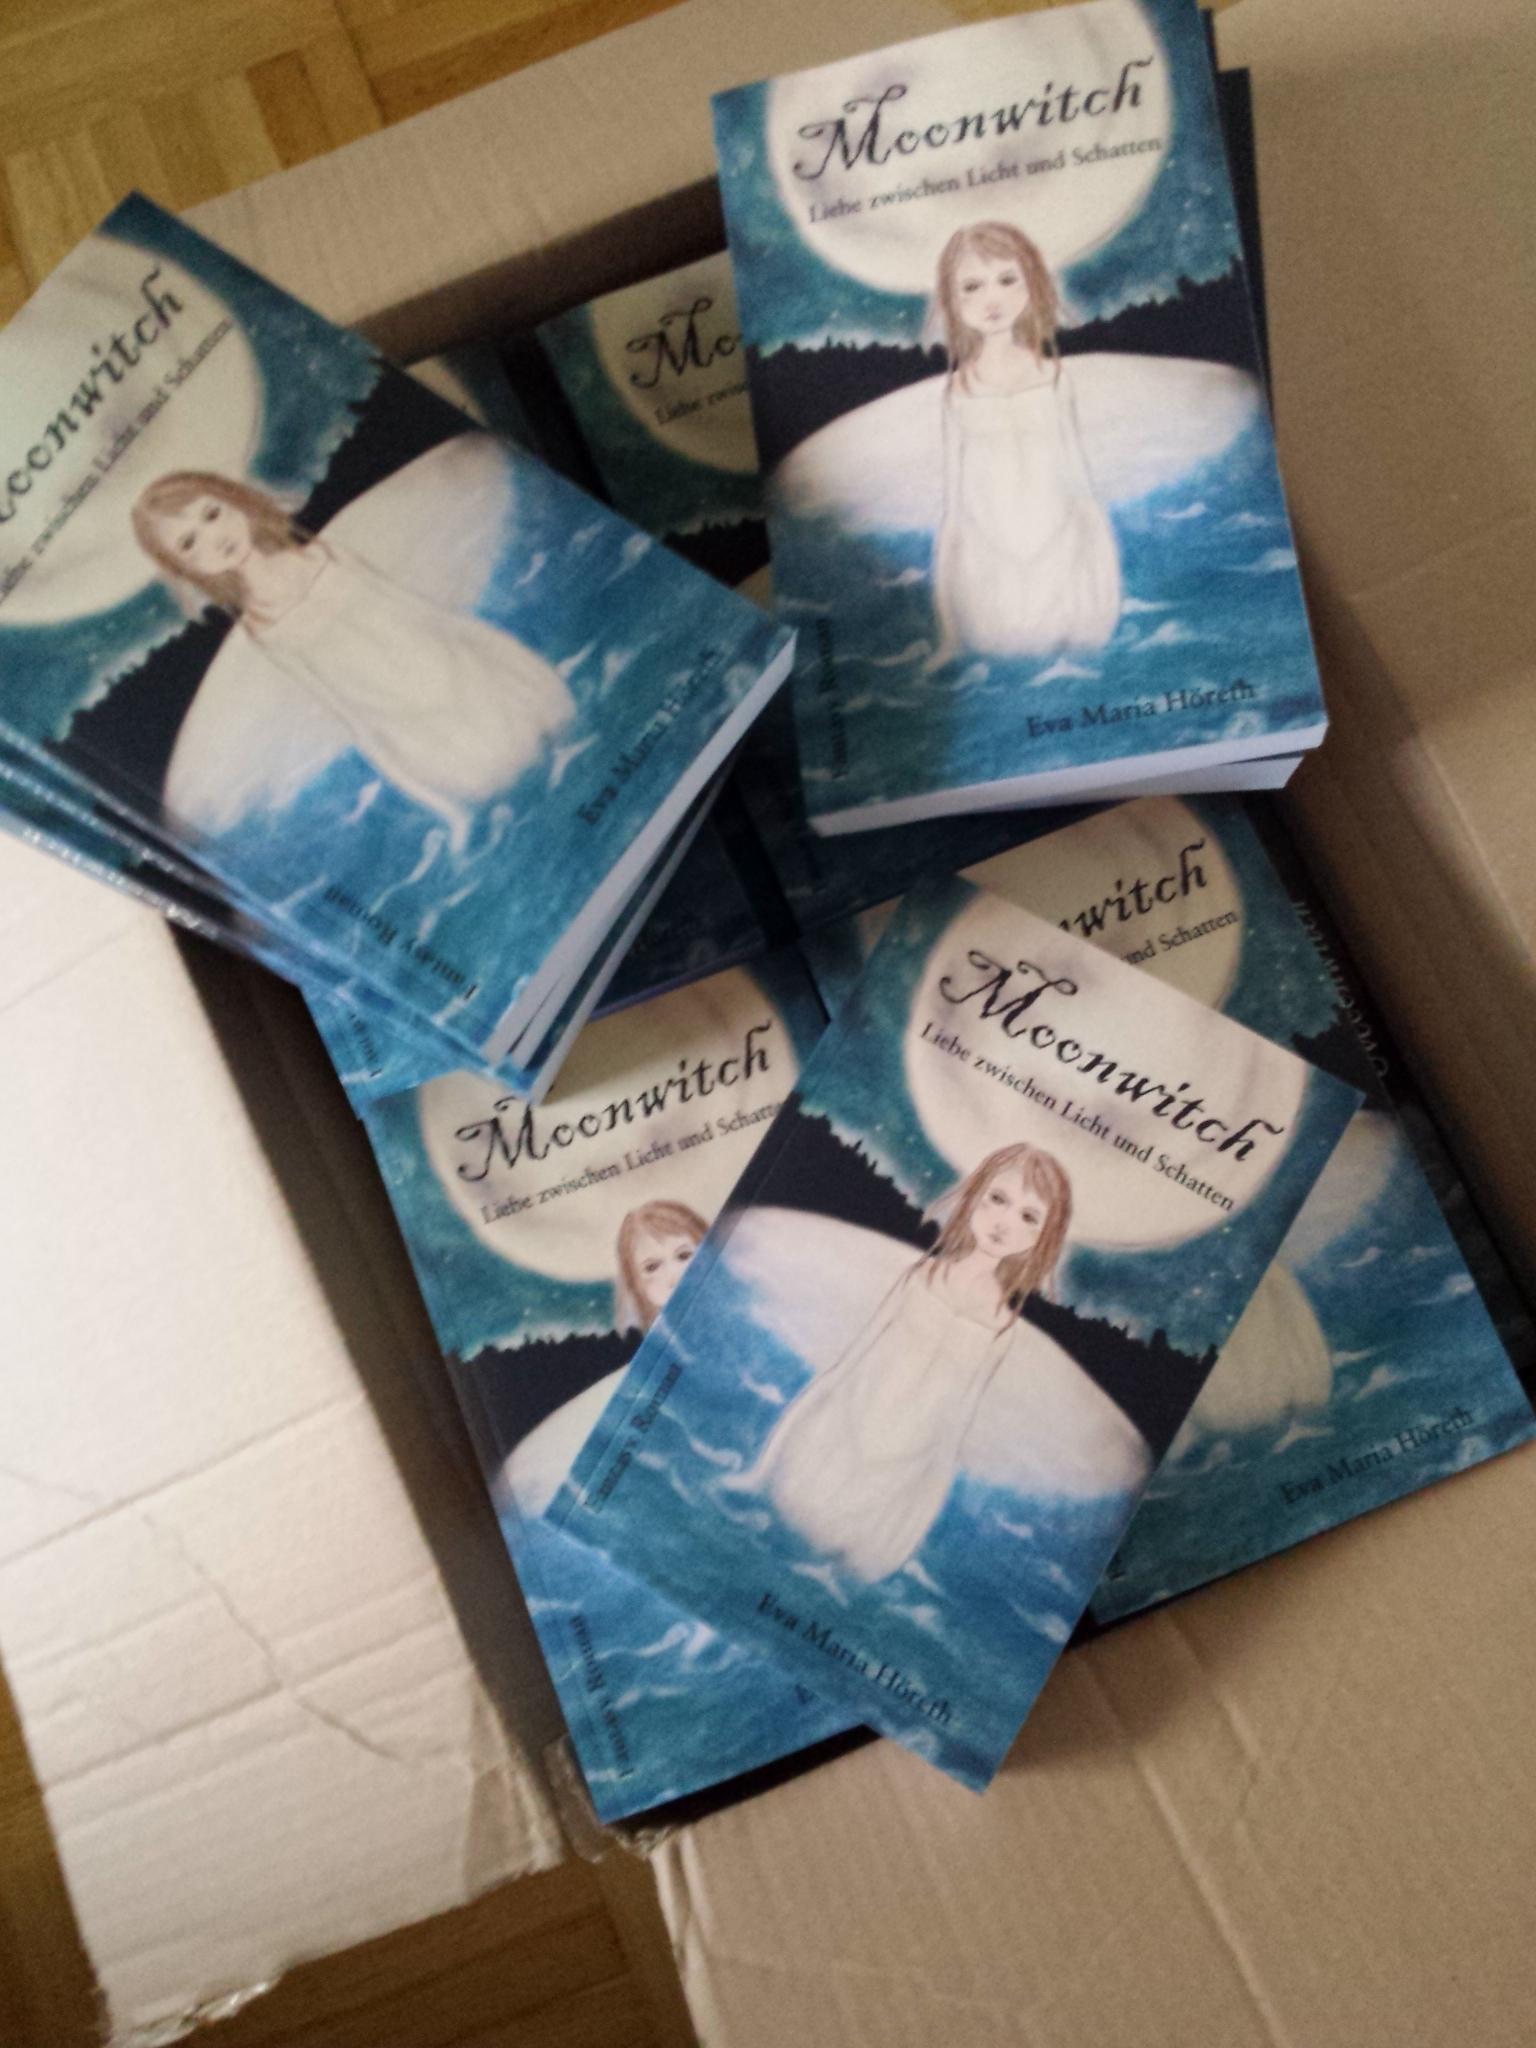 Kiste voll mit Moonwitch-Taschenbüchern